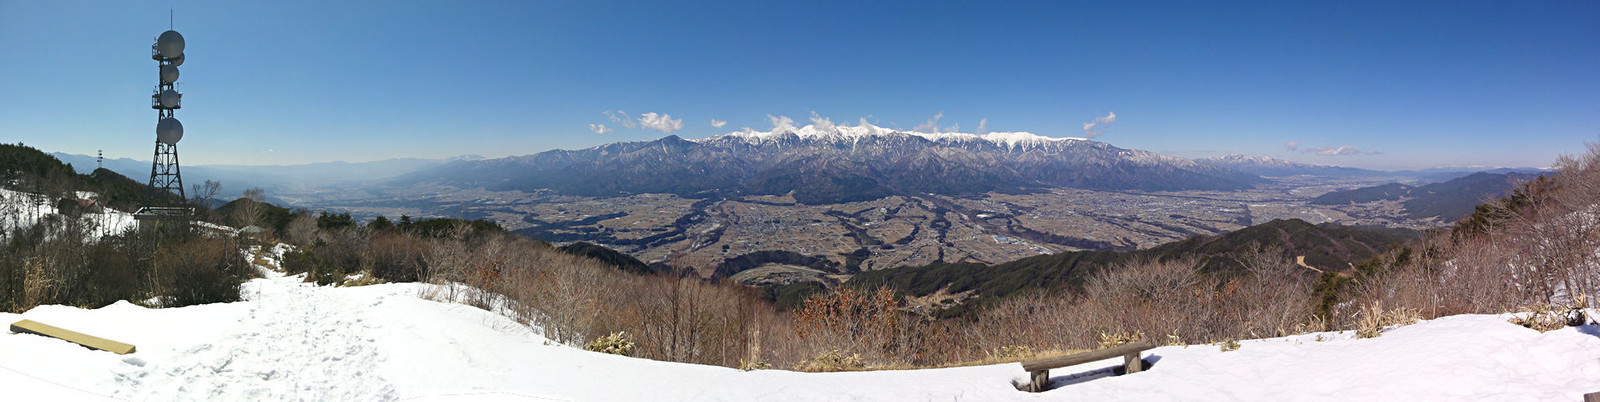 2014年3月15日「陣馬形山山頂から中央アルプスと伊那谷を望む」